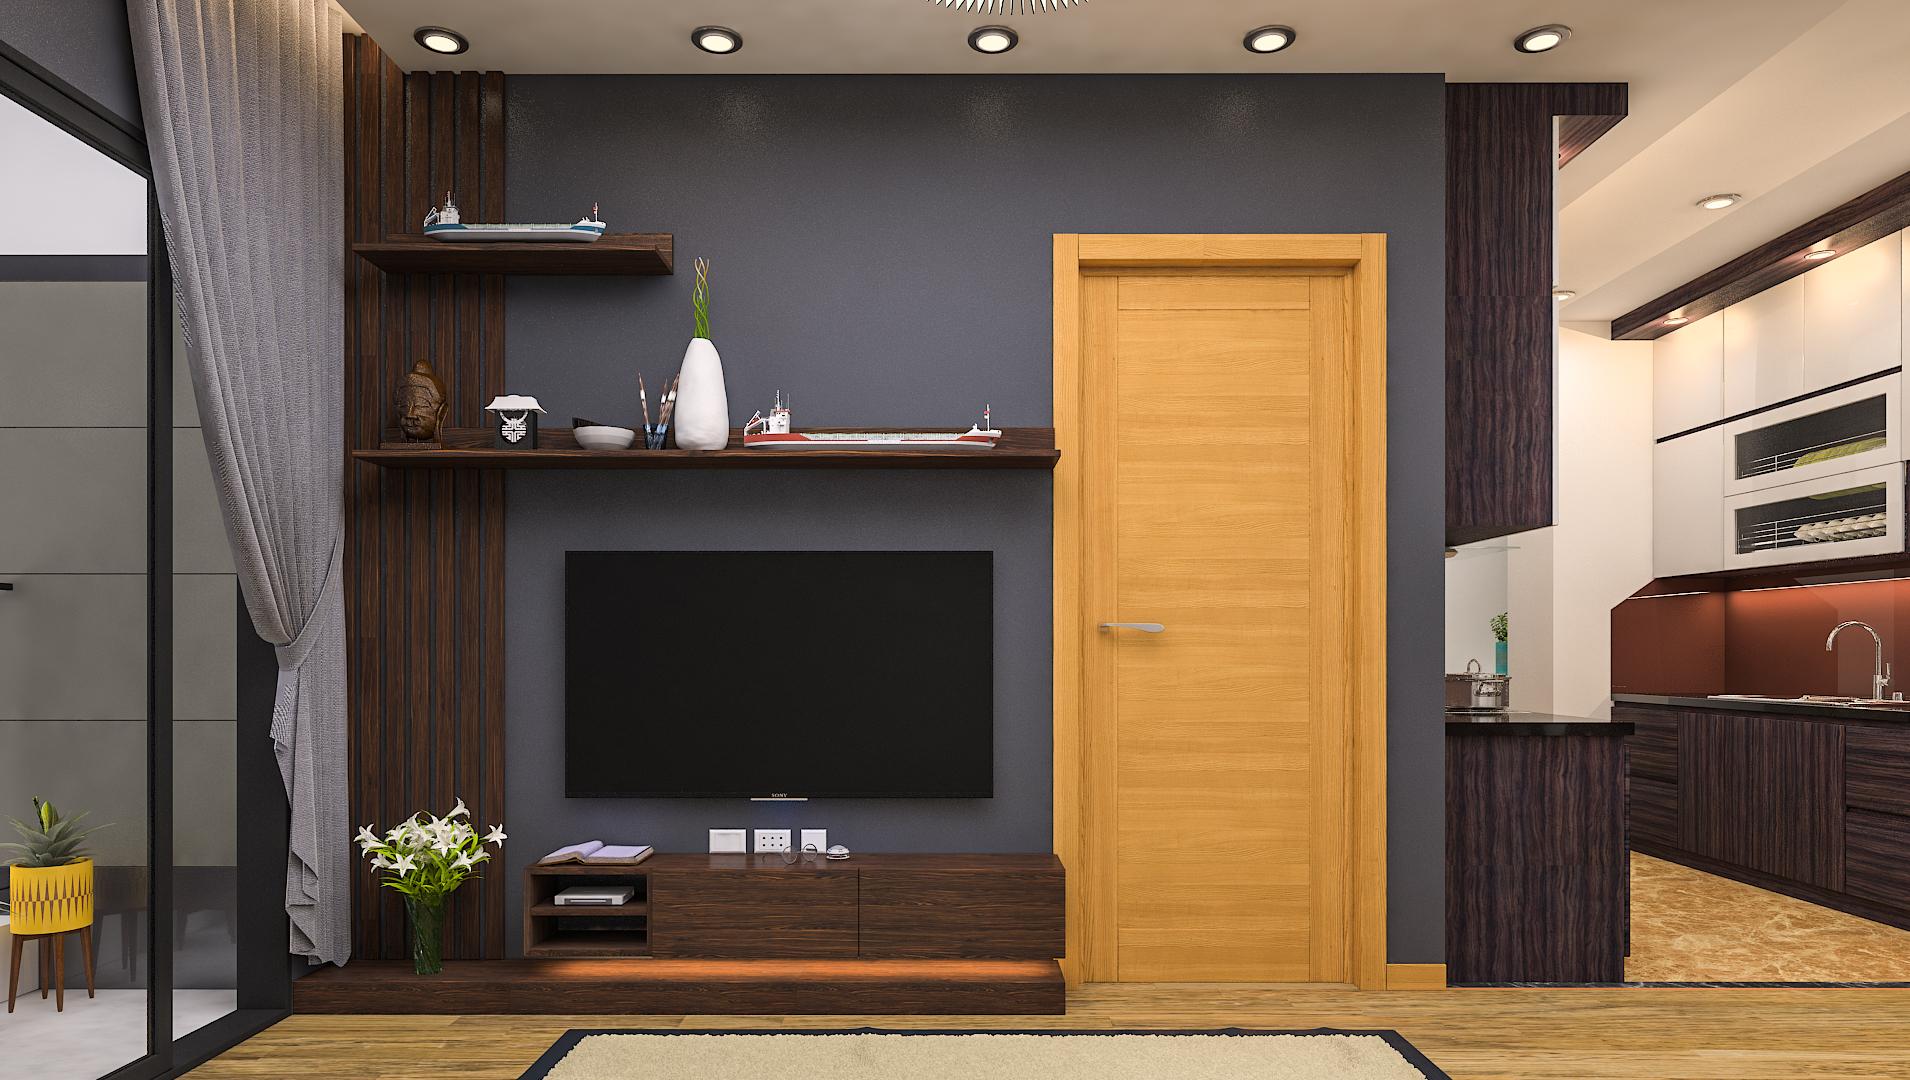 thiết kế nội thất chung cư tại Hà Nội Nội thất golden west 5 1533866920